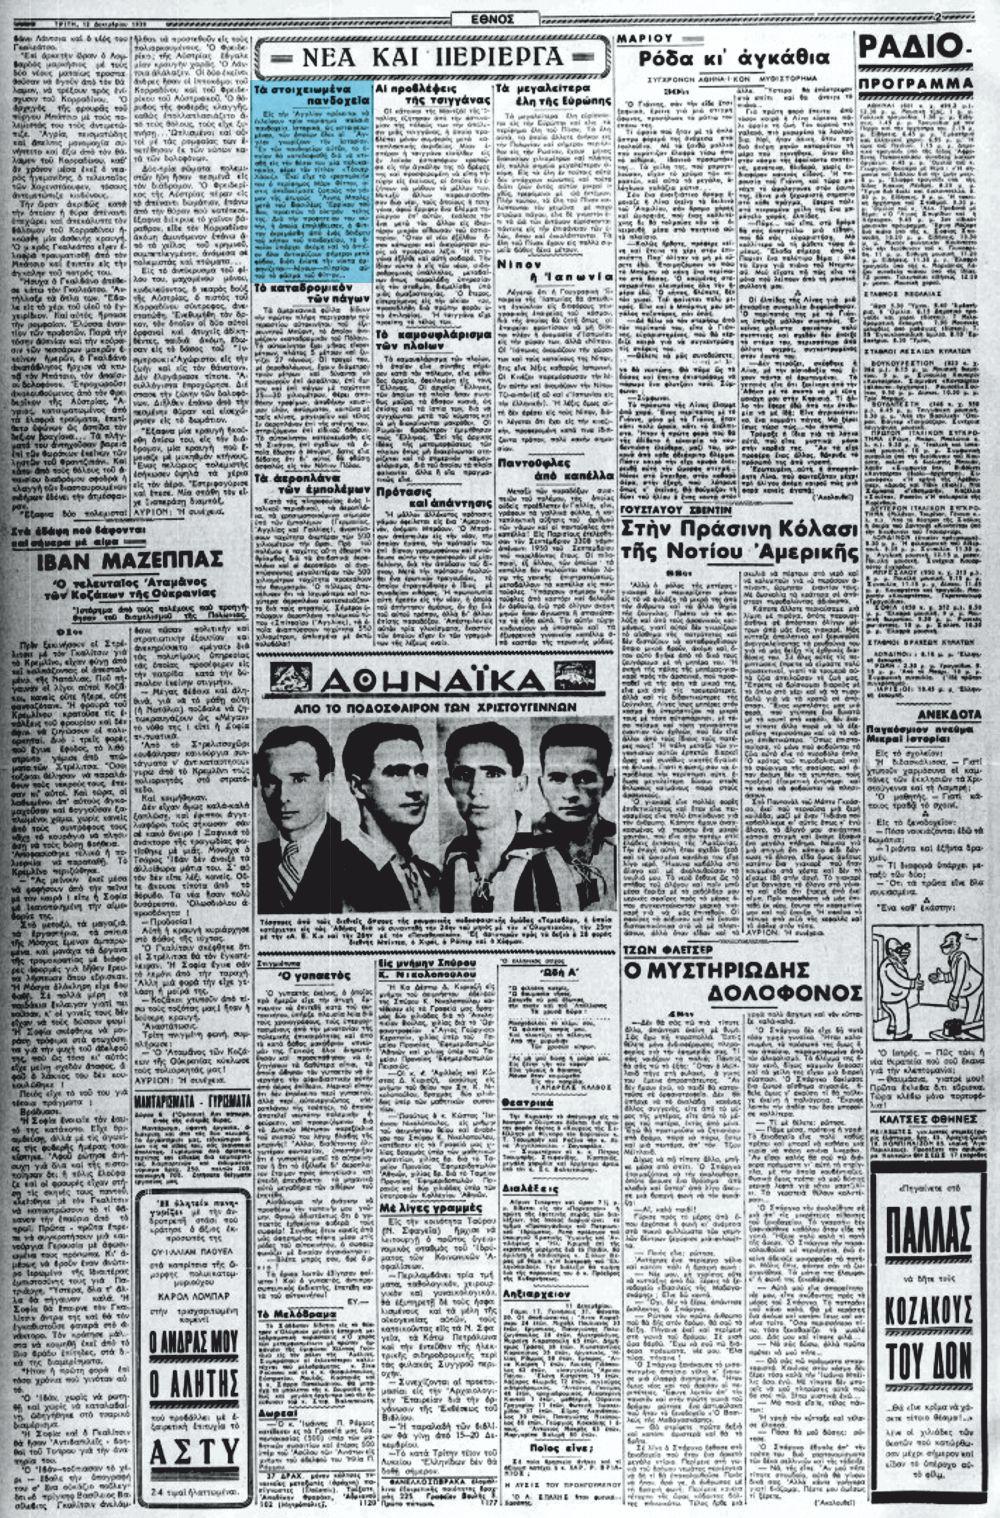 """Το άρθρο, όπως δημοσιεύθηκε στην εφημερίδα """"ΕΘΝΟΣ"""", στις 12/12/1939"""